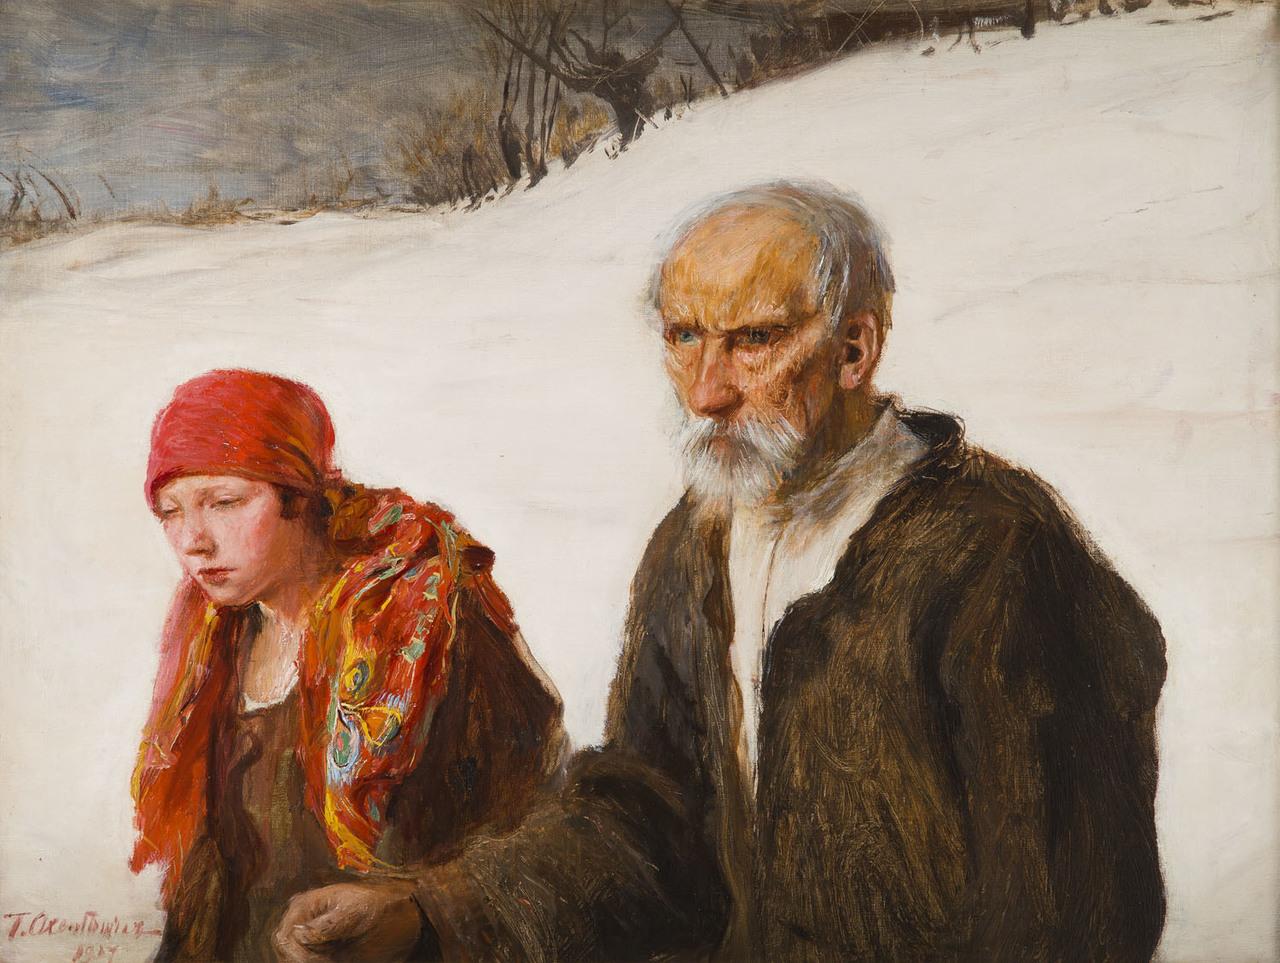 """Do stałego asortymentu należały też prace Teodora Axentowicza, szczególnie popularny motyw """"Starość i młodość"""", źródło: Desa Unicum"""